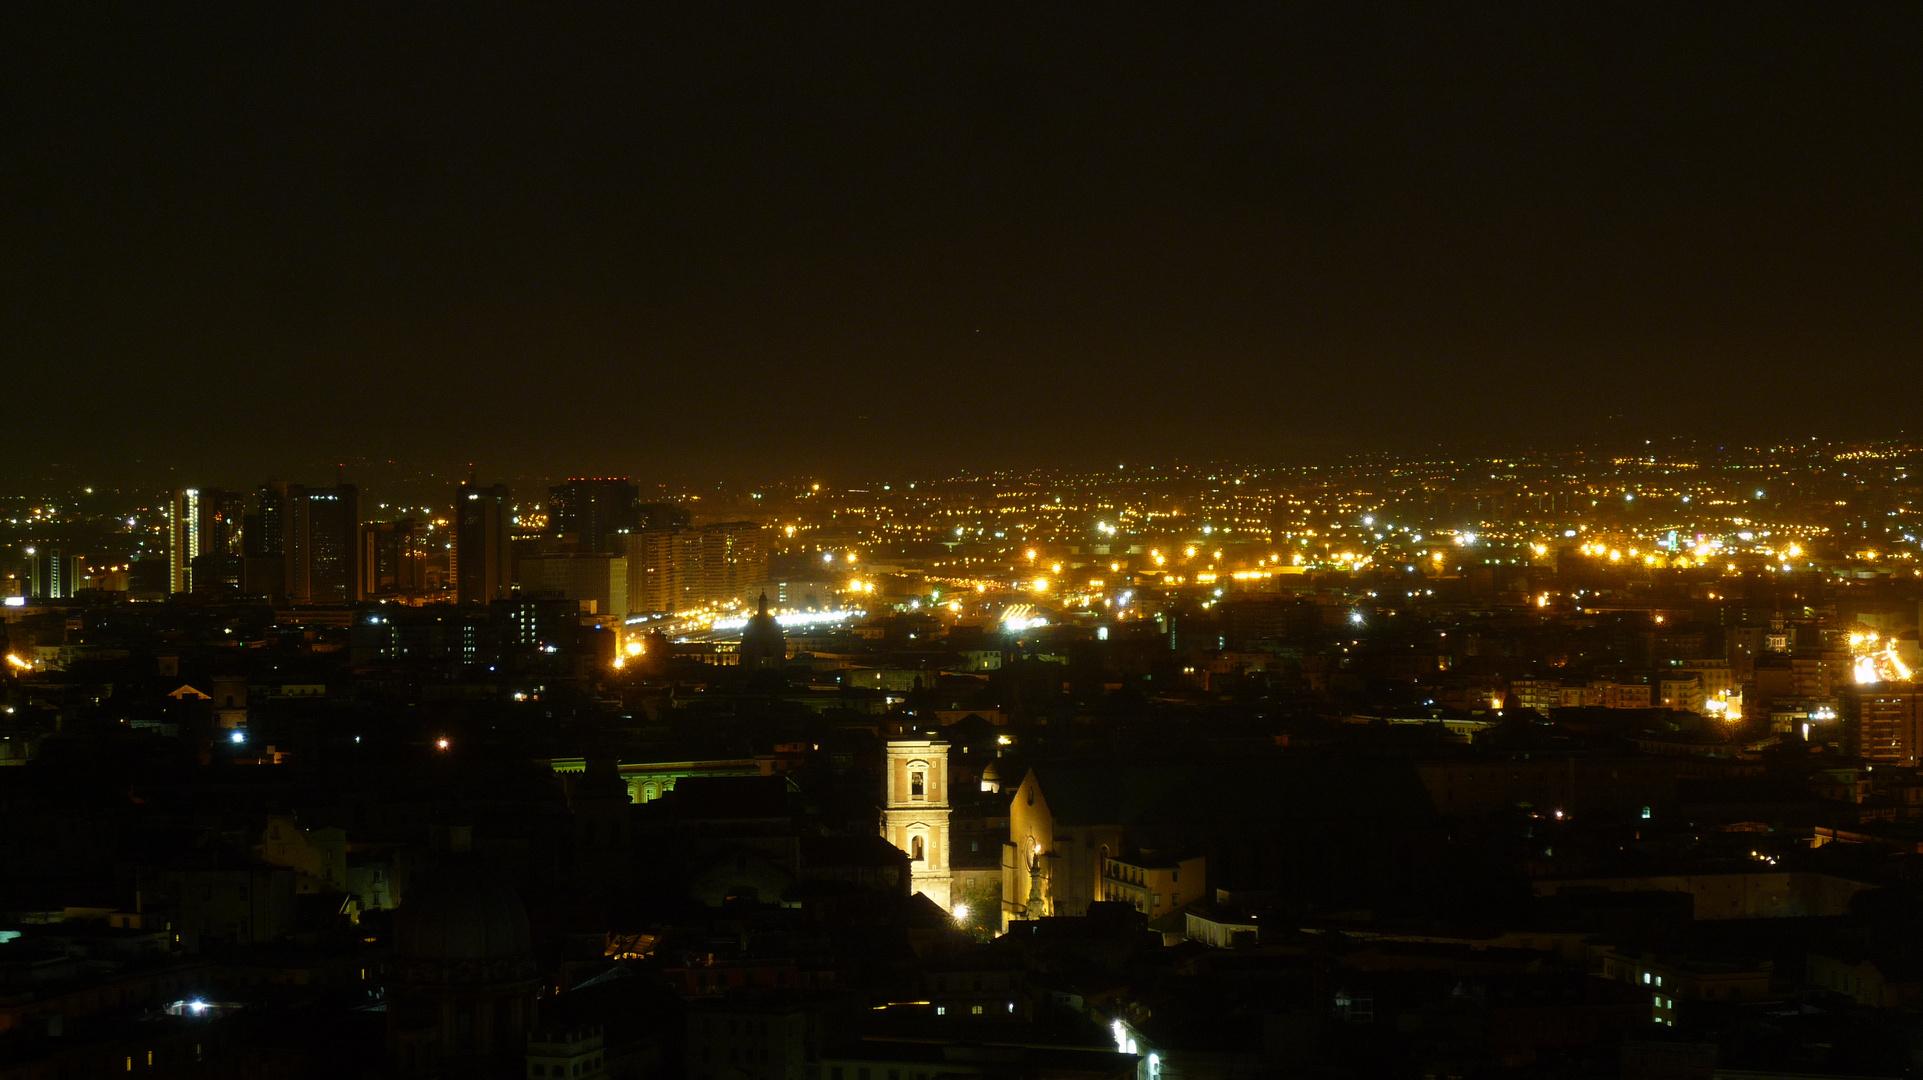 Napoli Di Notte Il Centro Storico Foto Immagini La Mia Citta Notturni Riccardo D Alterio Foto Su Fotocommunity